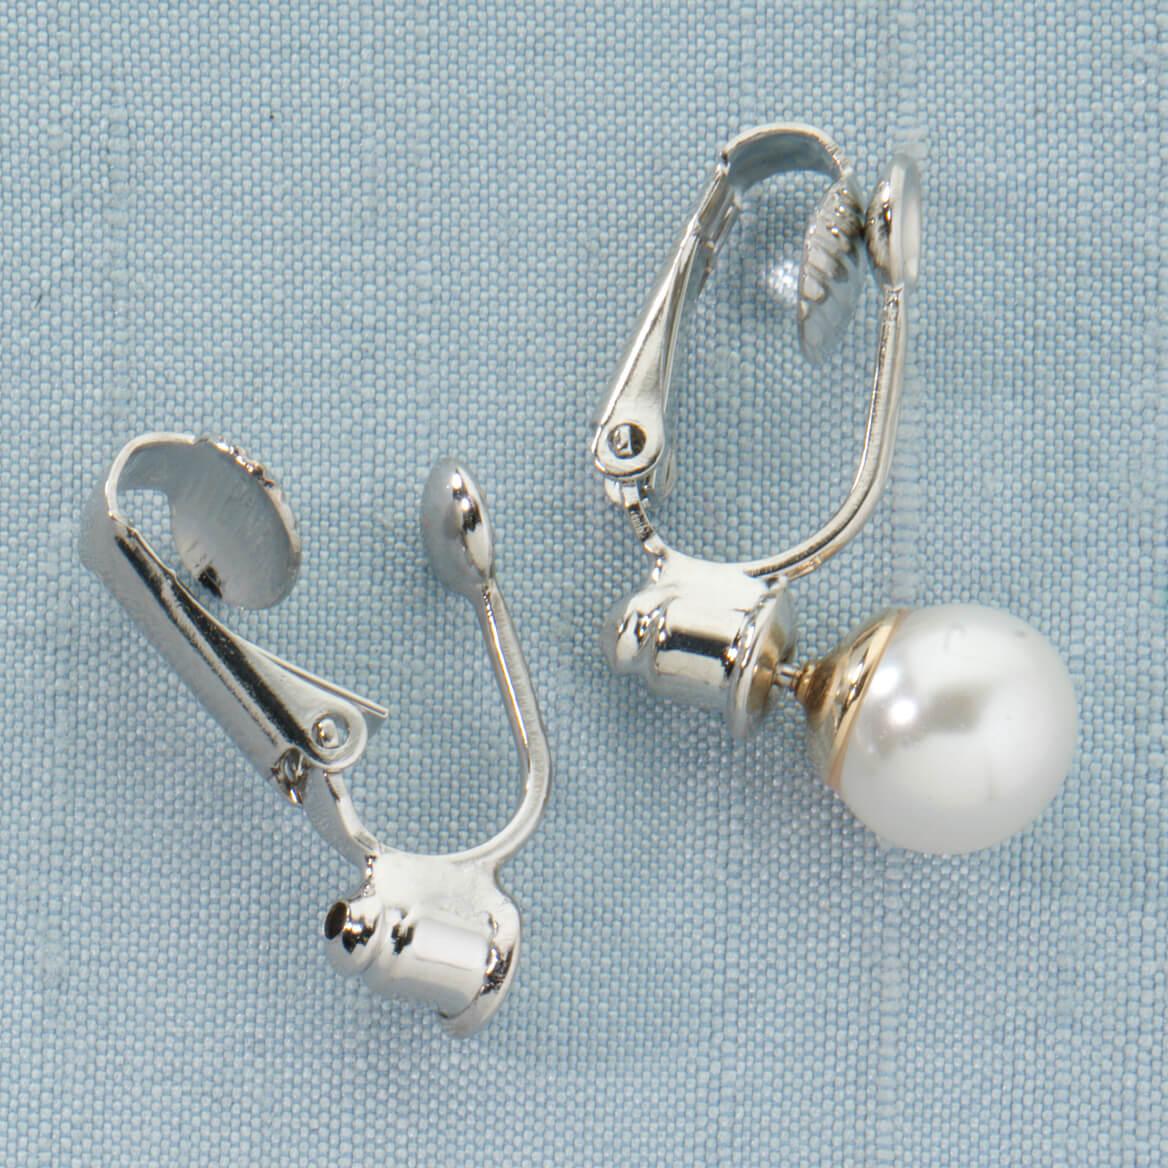 Clip On Earrings Converter-312116